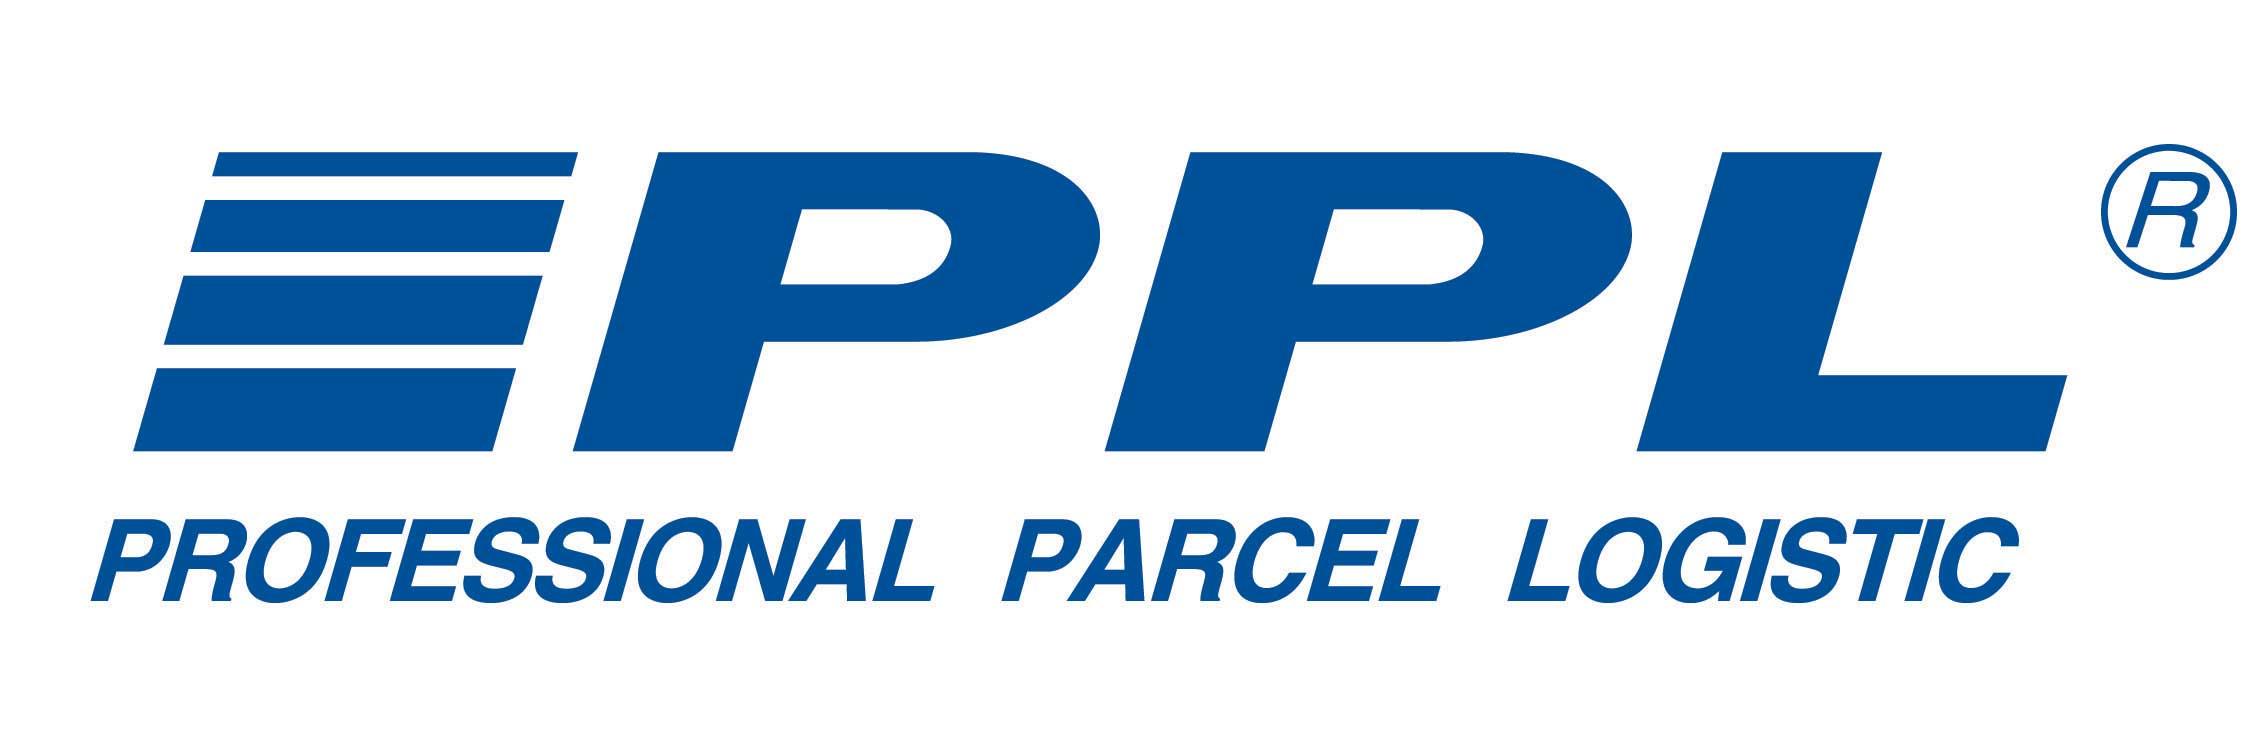 Dopravní společnost PPL